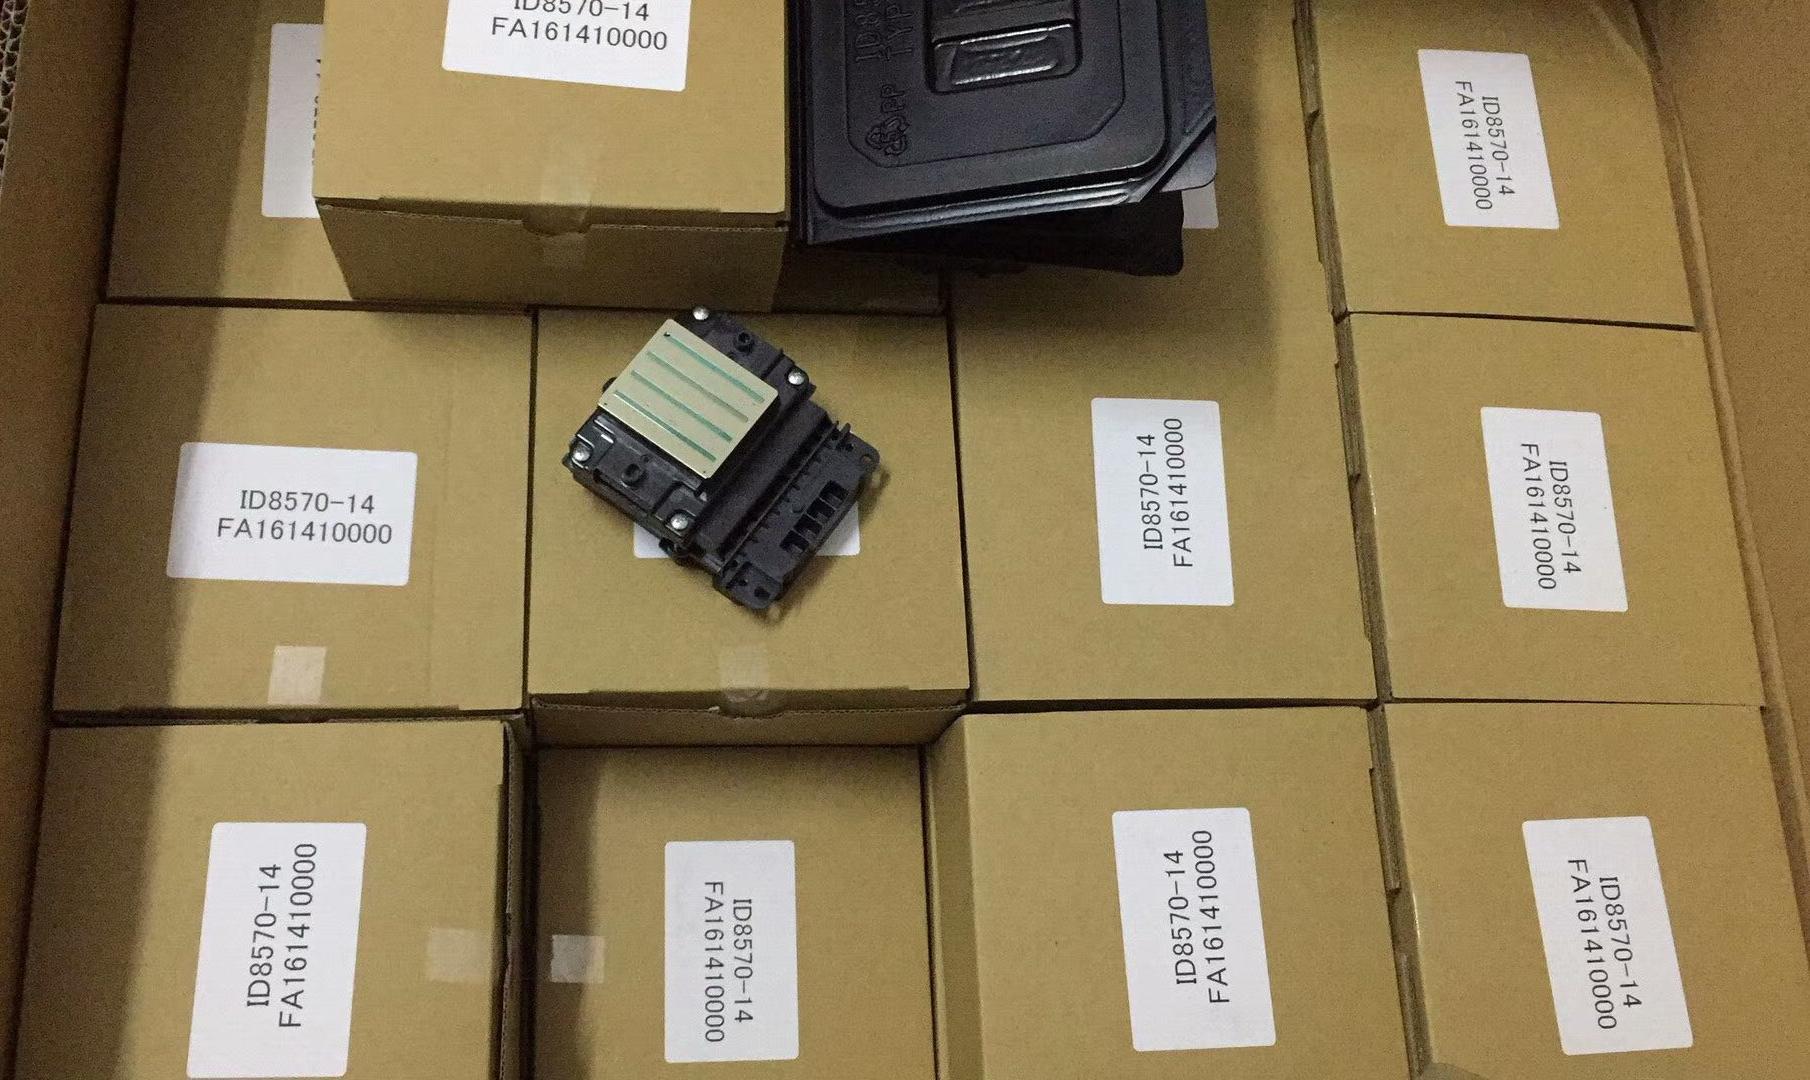 爱普生5113压电写真机喷头 4